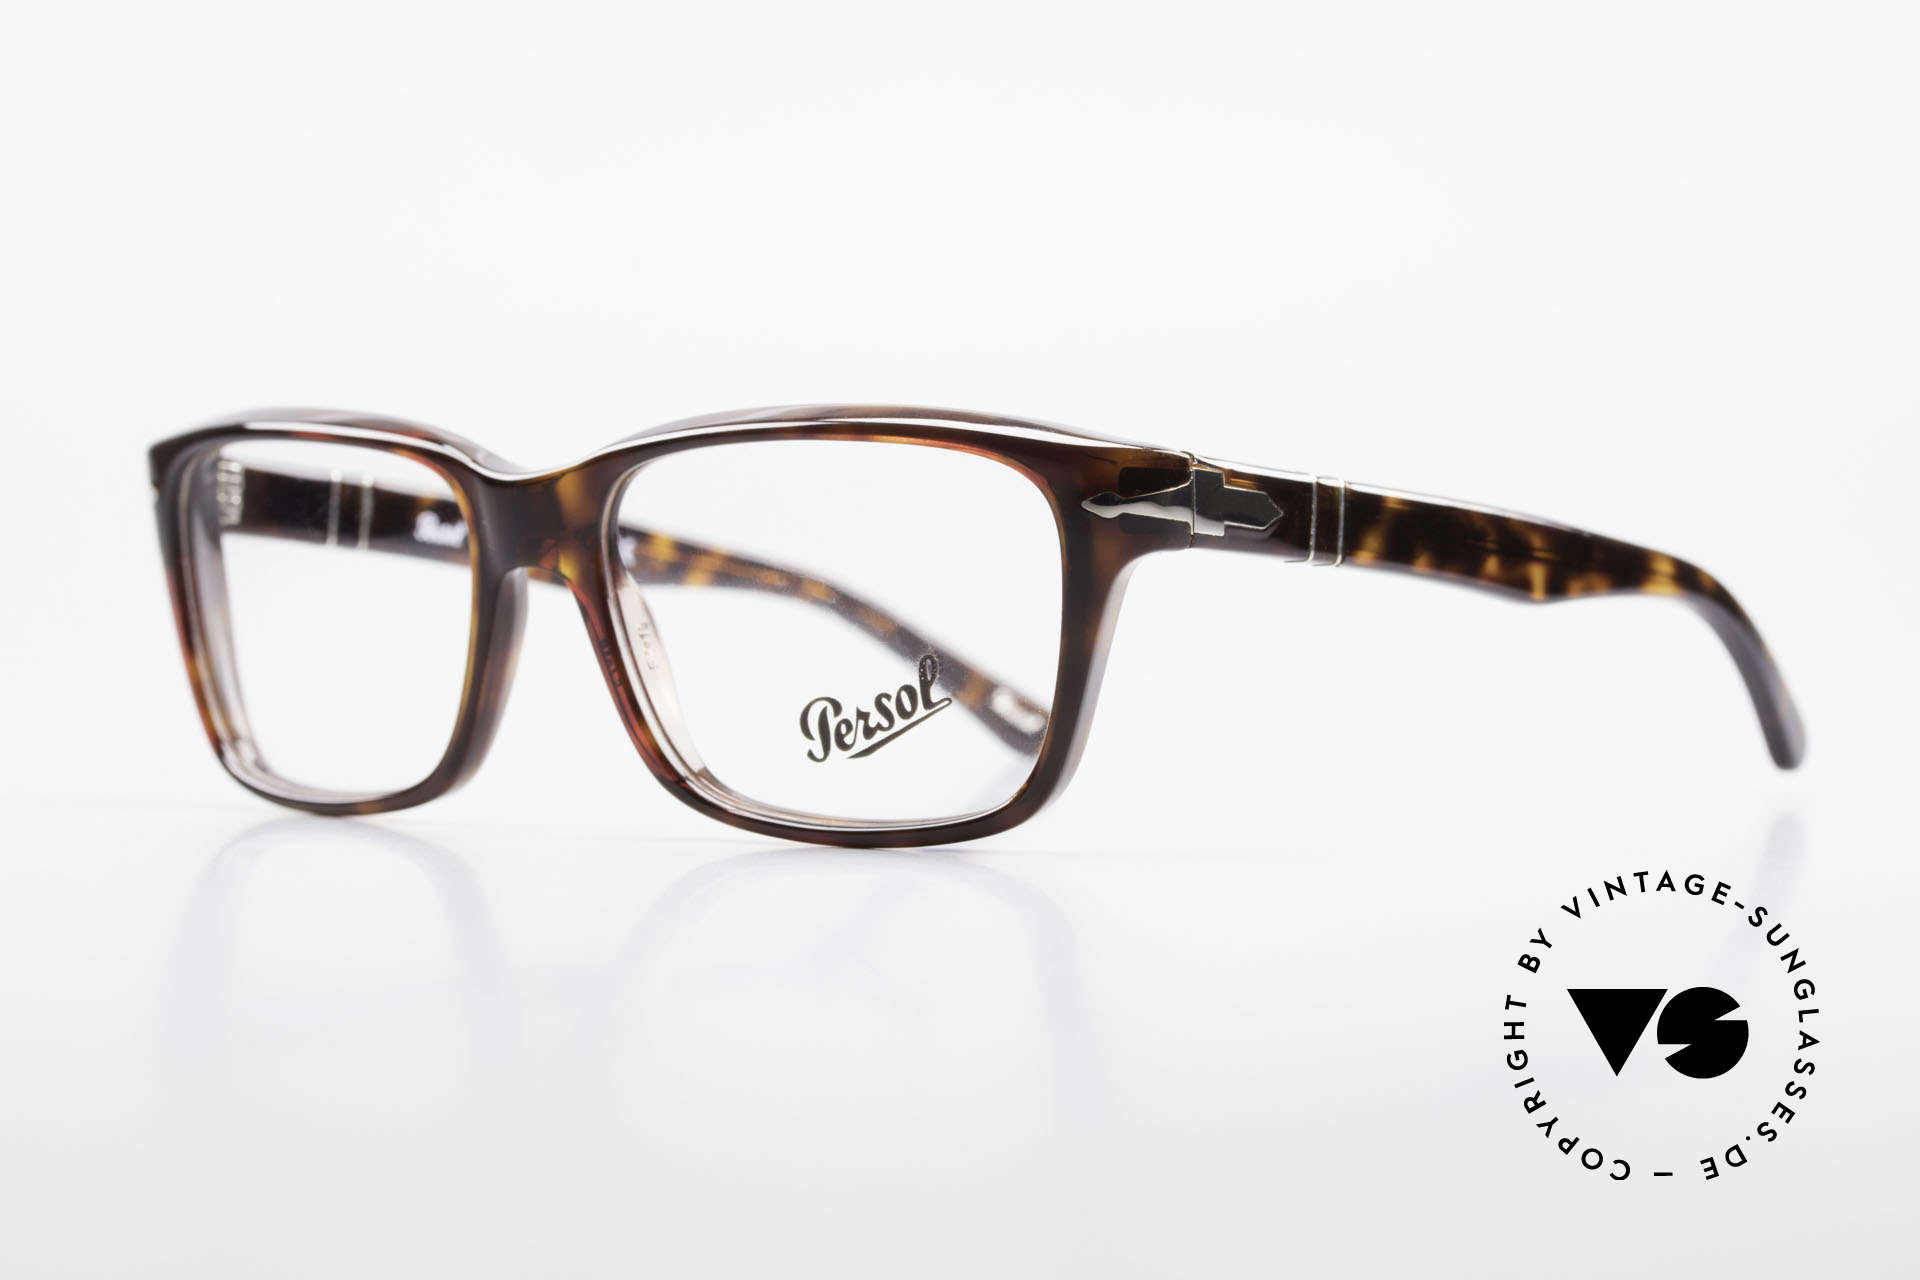 Persol 2895 Klassisch Zeitlose Unisex Brille, hochwertigste Materialien und Fertigungsqualität, Passend für Herren und Damen